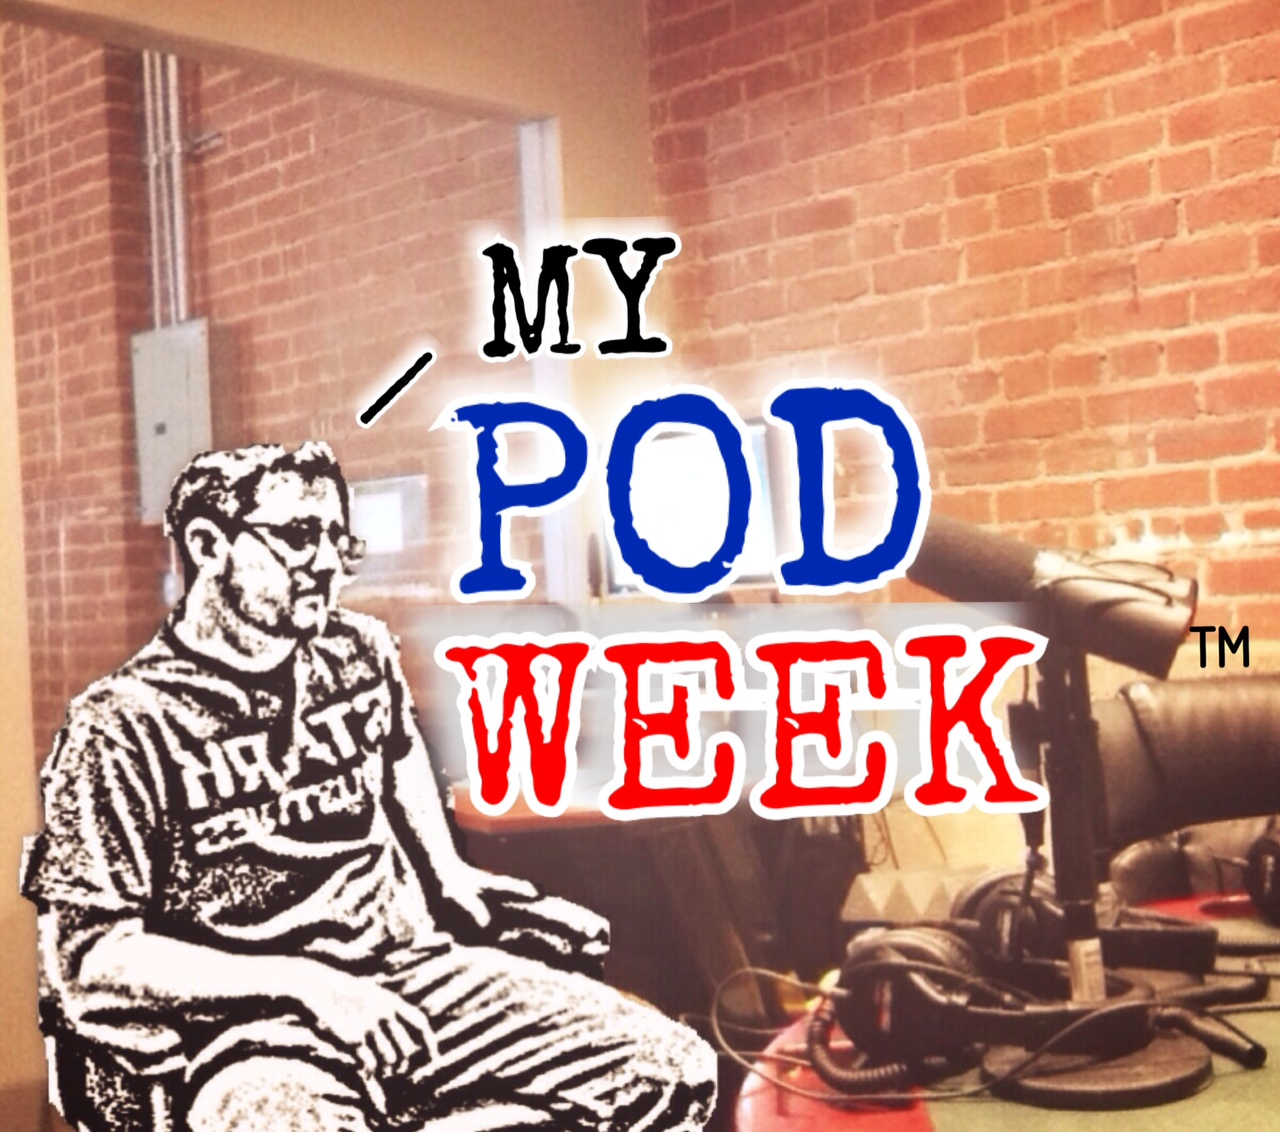 My Pod Week: Week ending 8/10/14